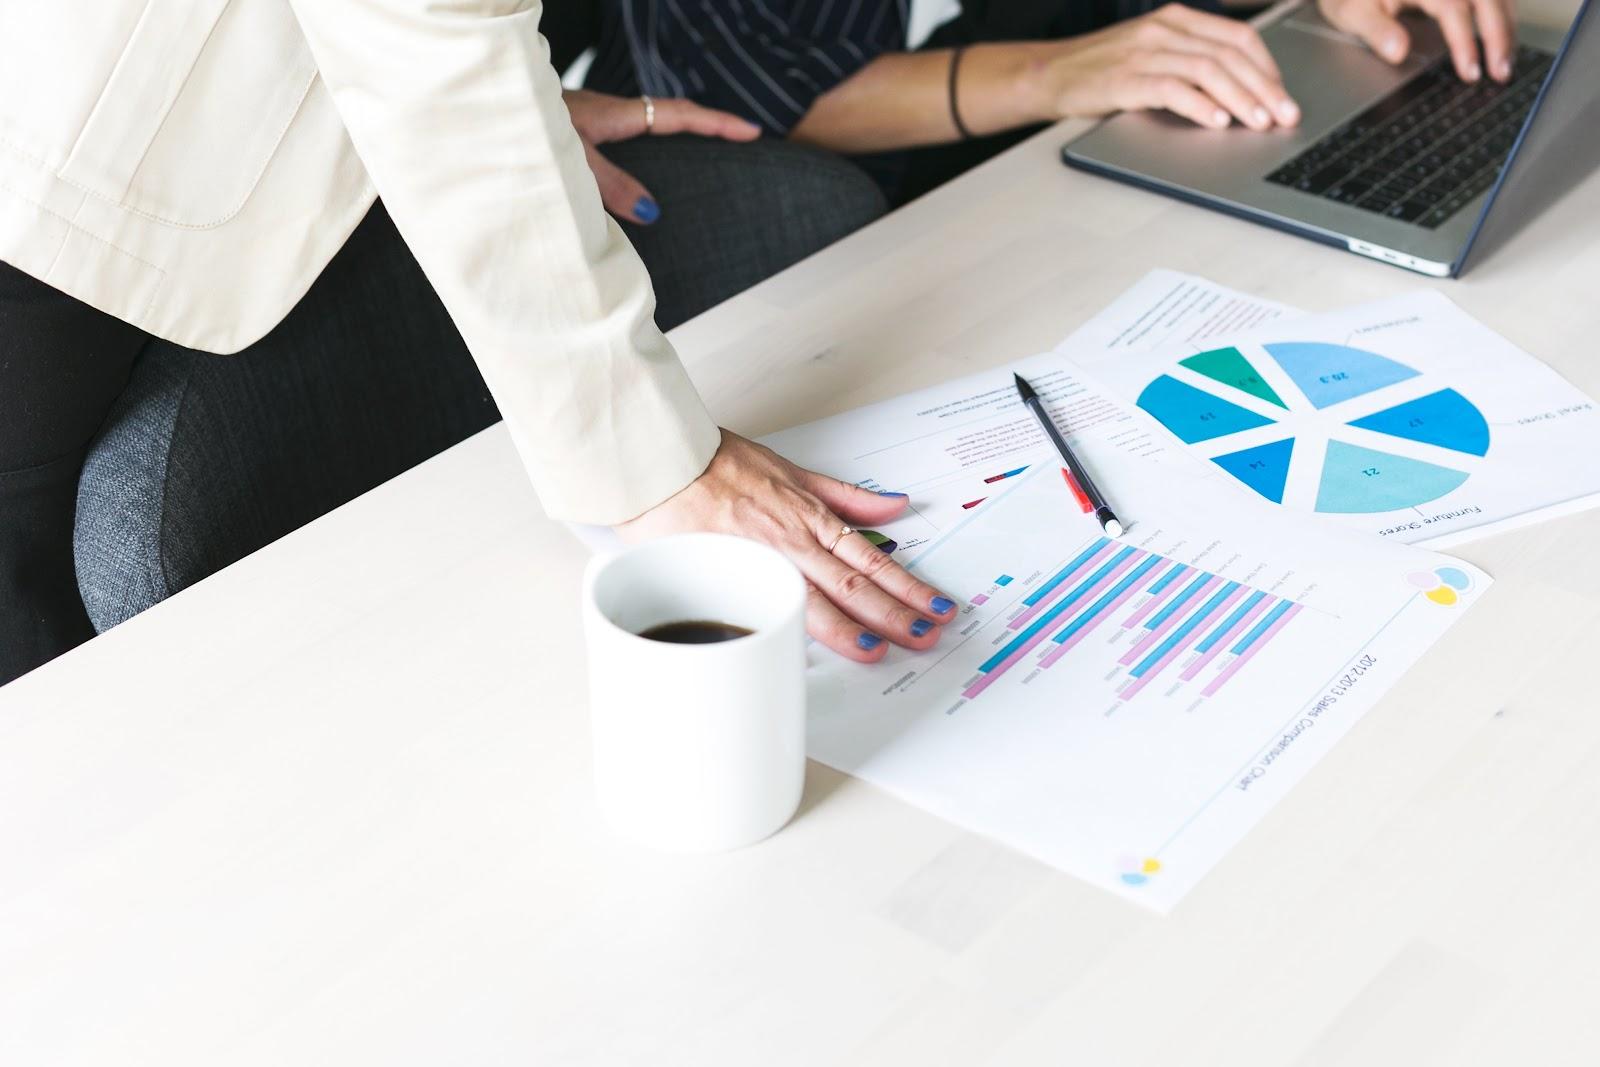 Vários papeis mostrando gráficos com uma mão em cima.